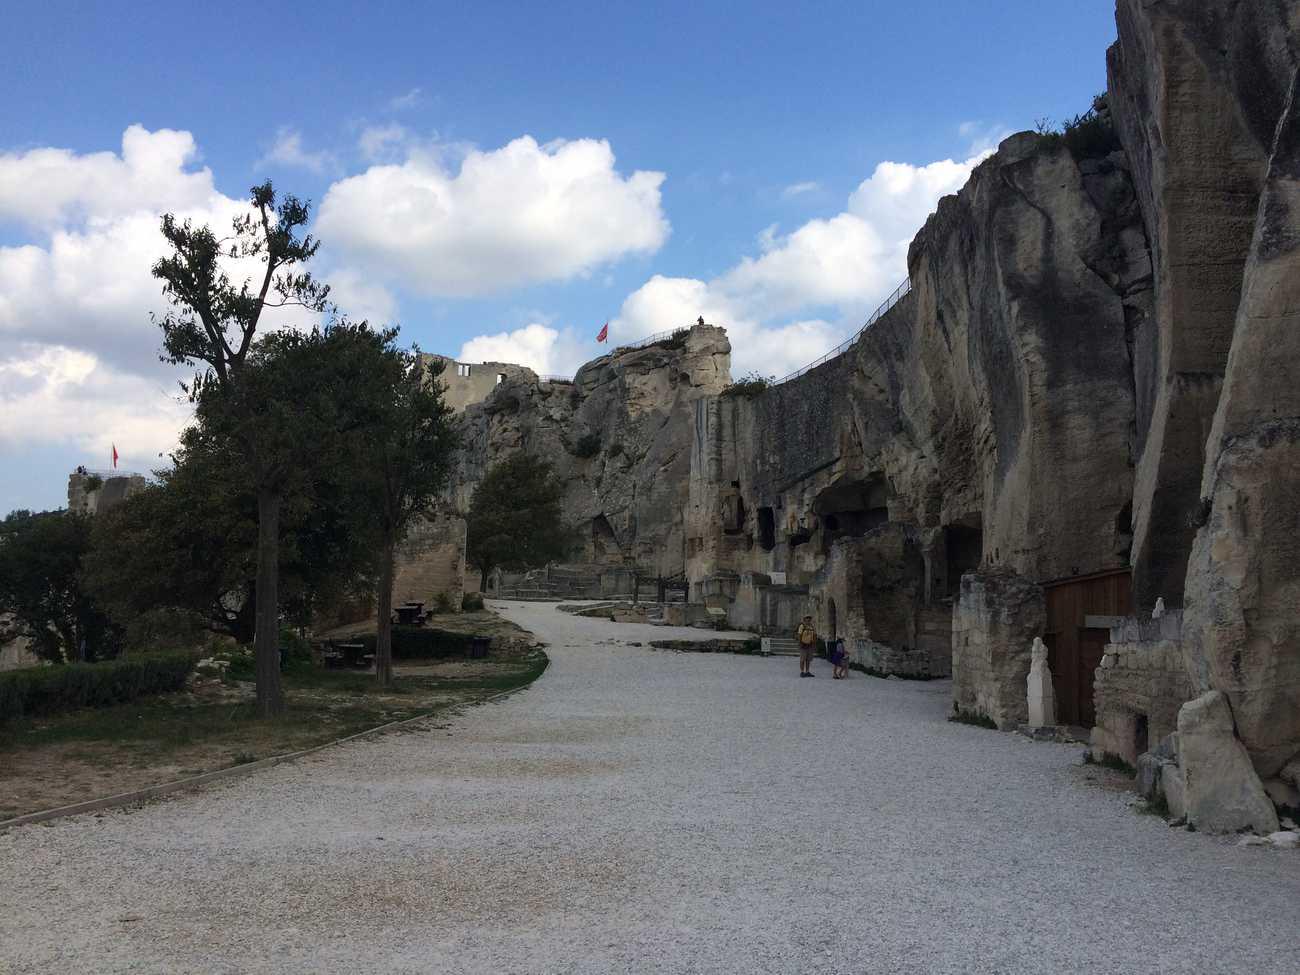 Les Baux - castle